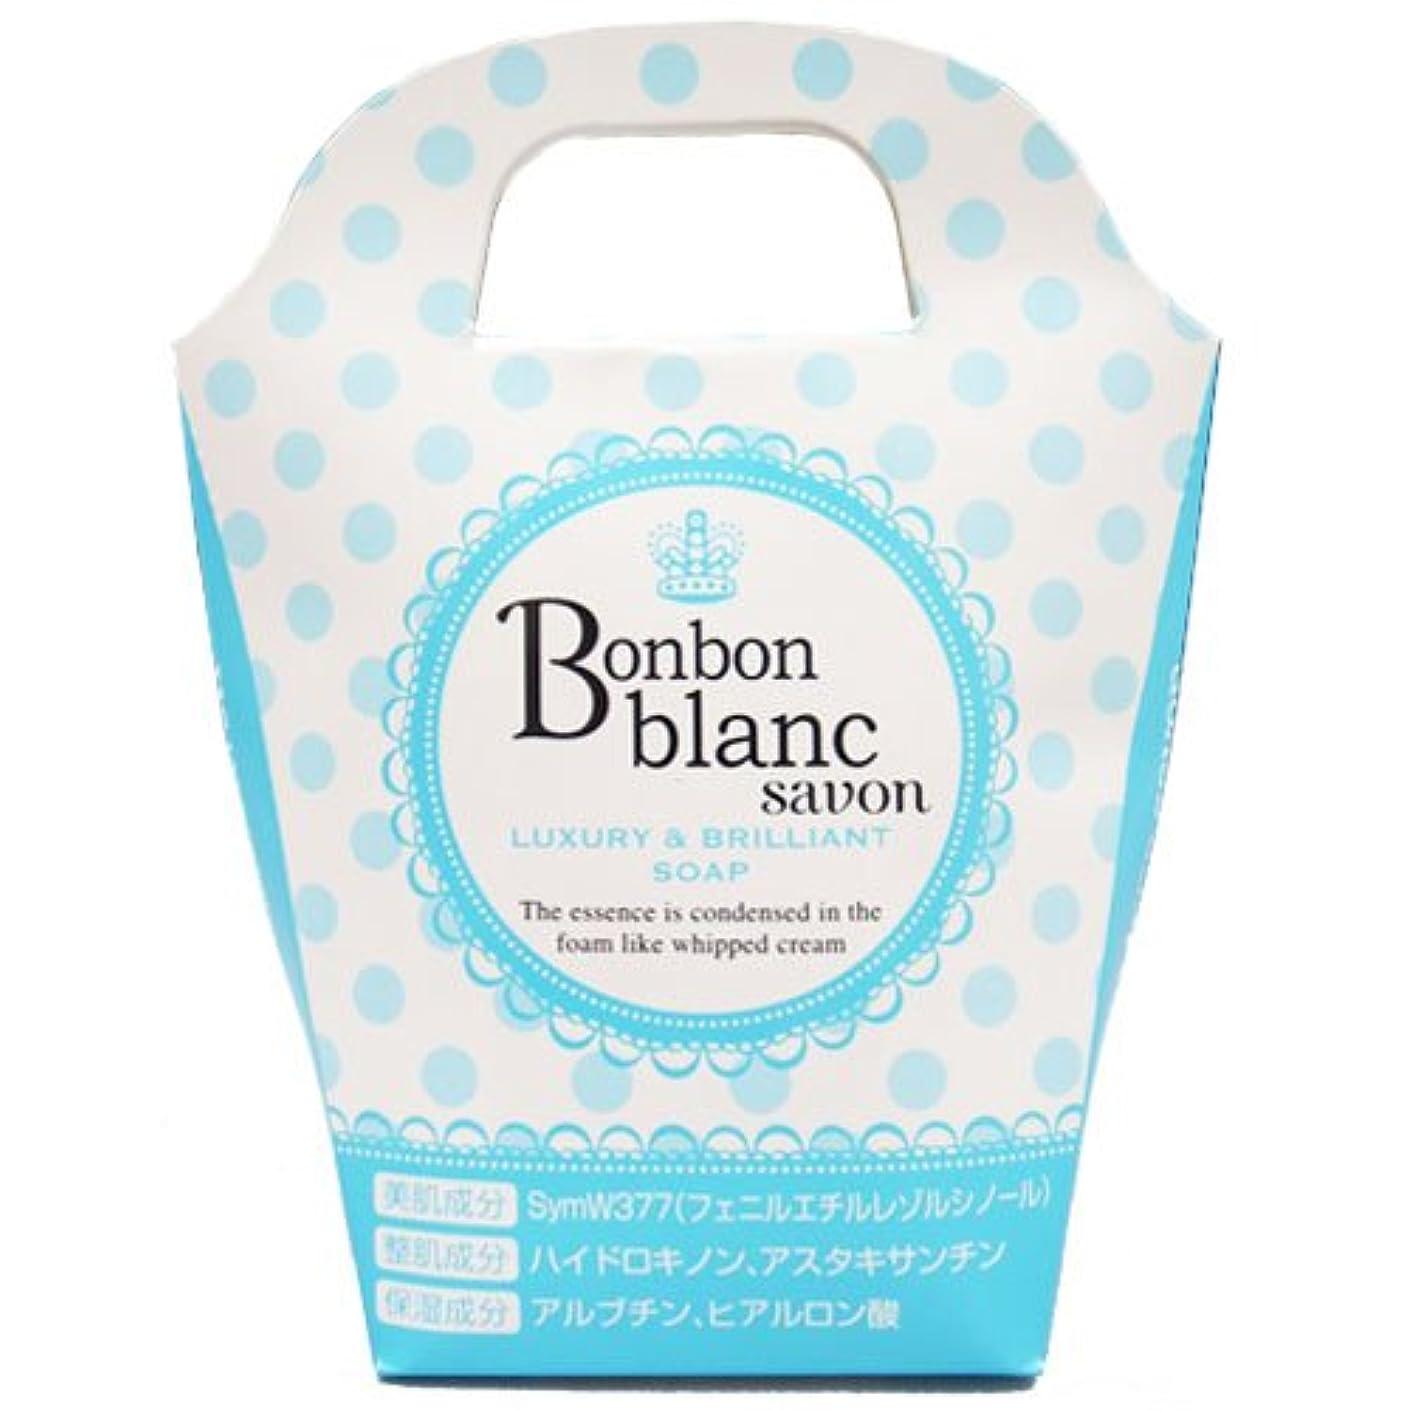 開発パケット工場ビーム  Bonbon blanc savon(ボンボンブランサボン)    25g